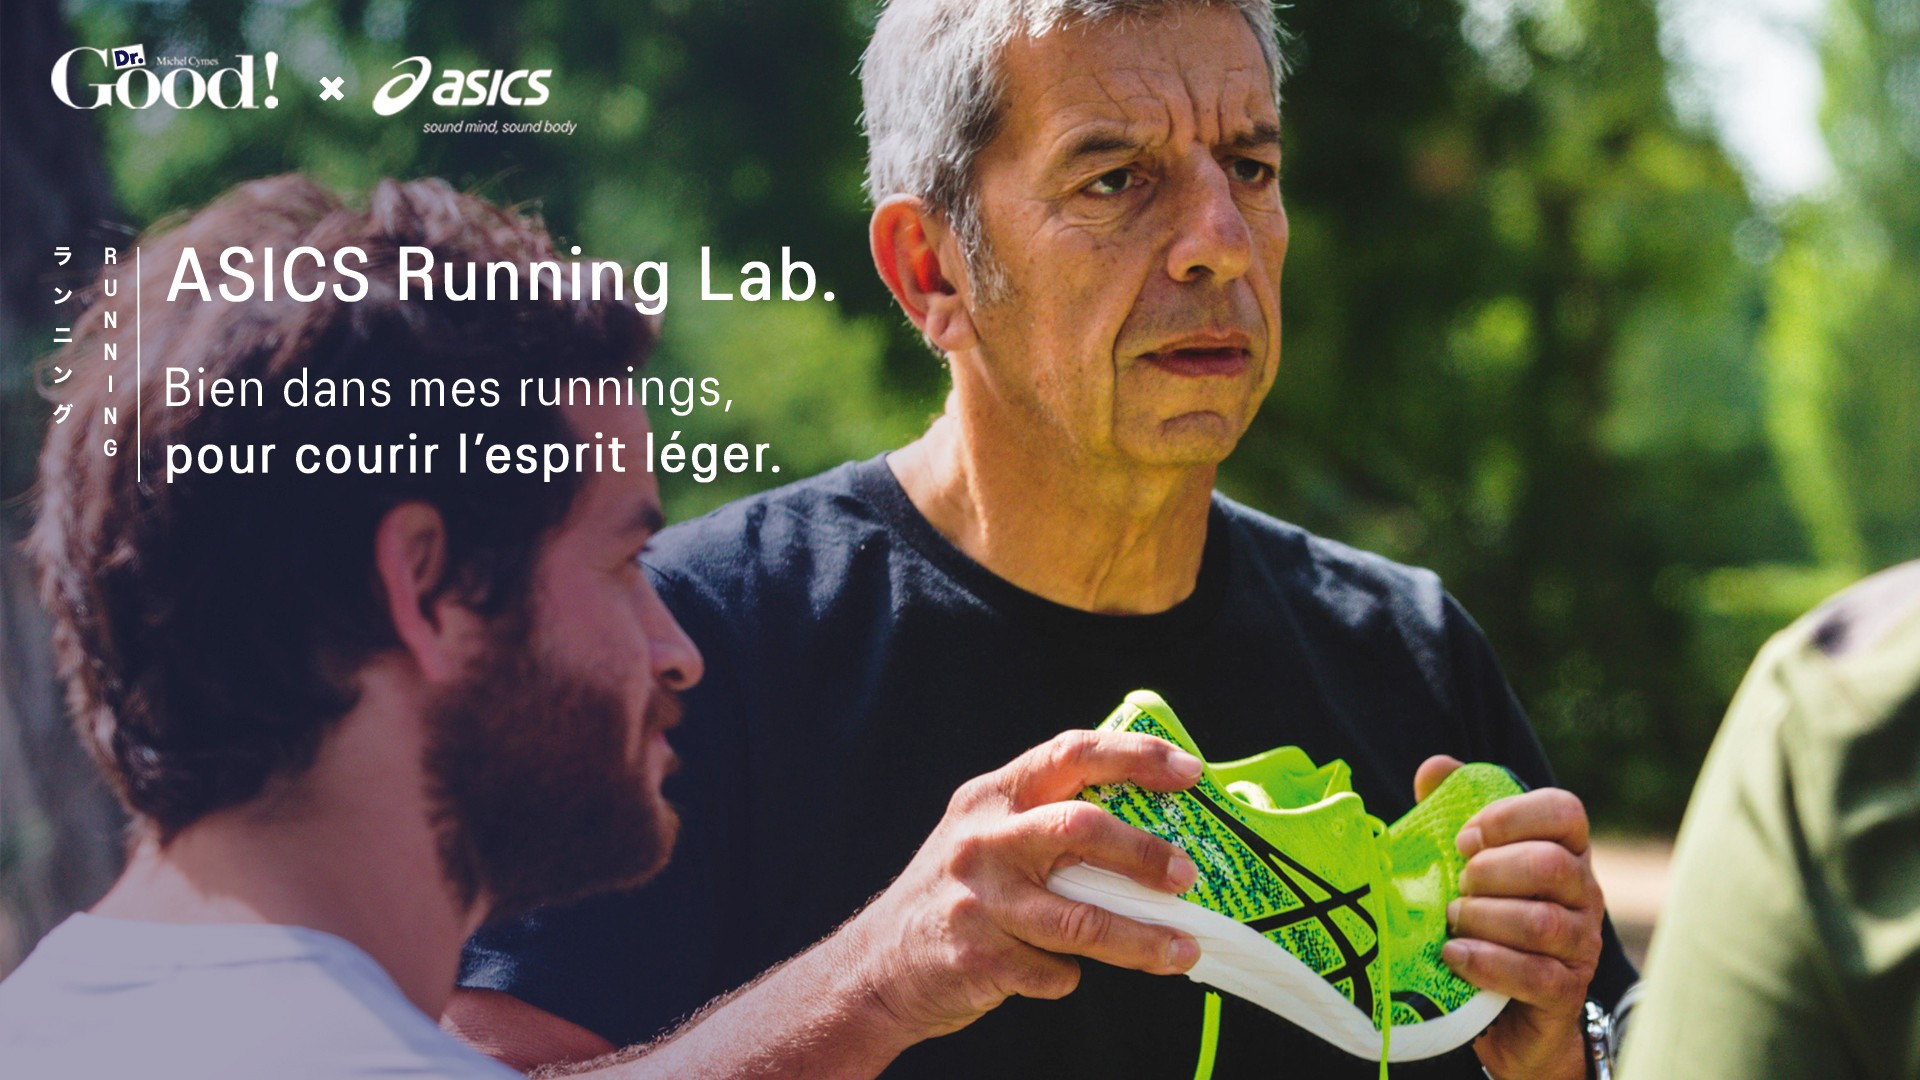 Asics x Michel Cimès (athlétisme) 2021